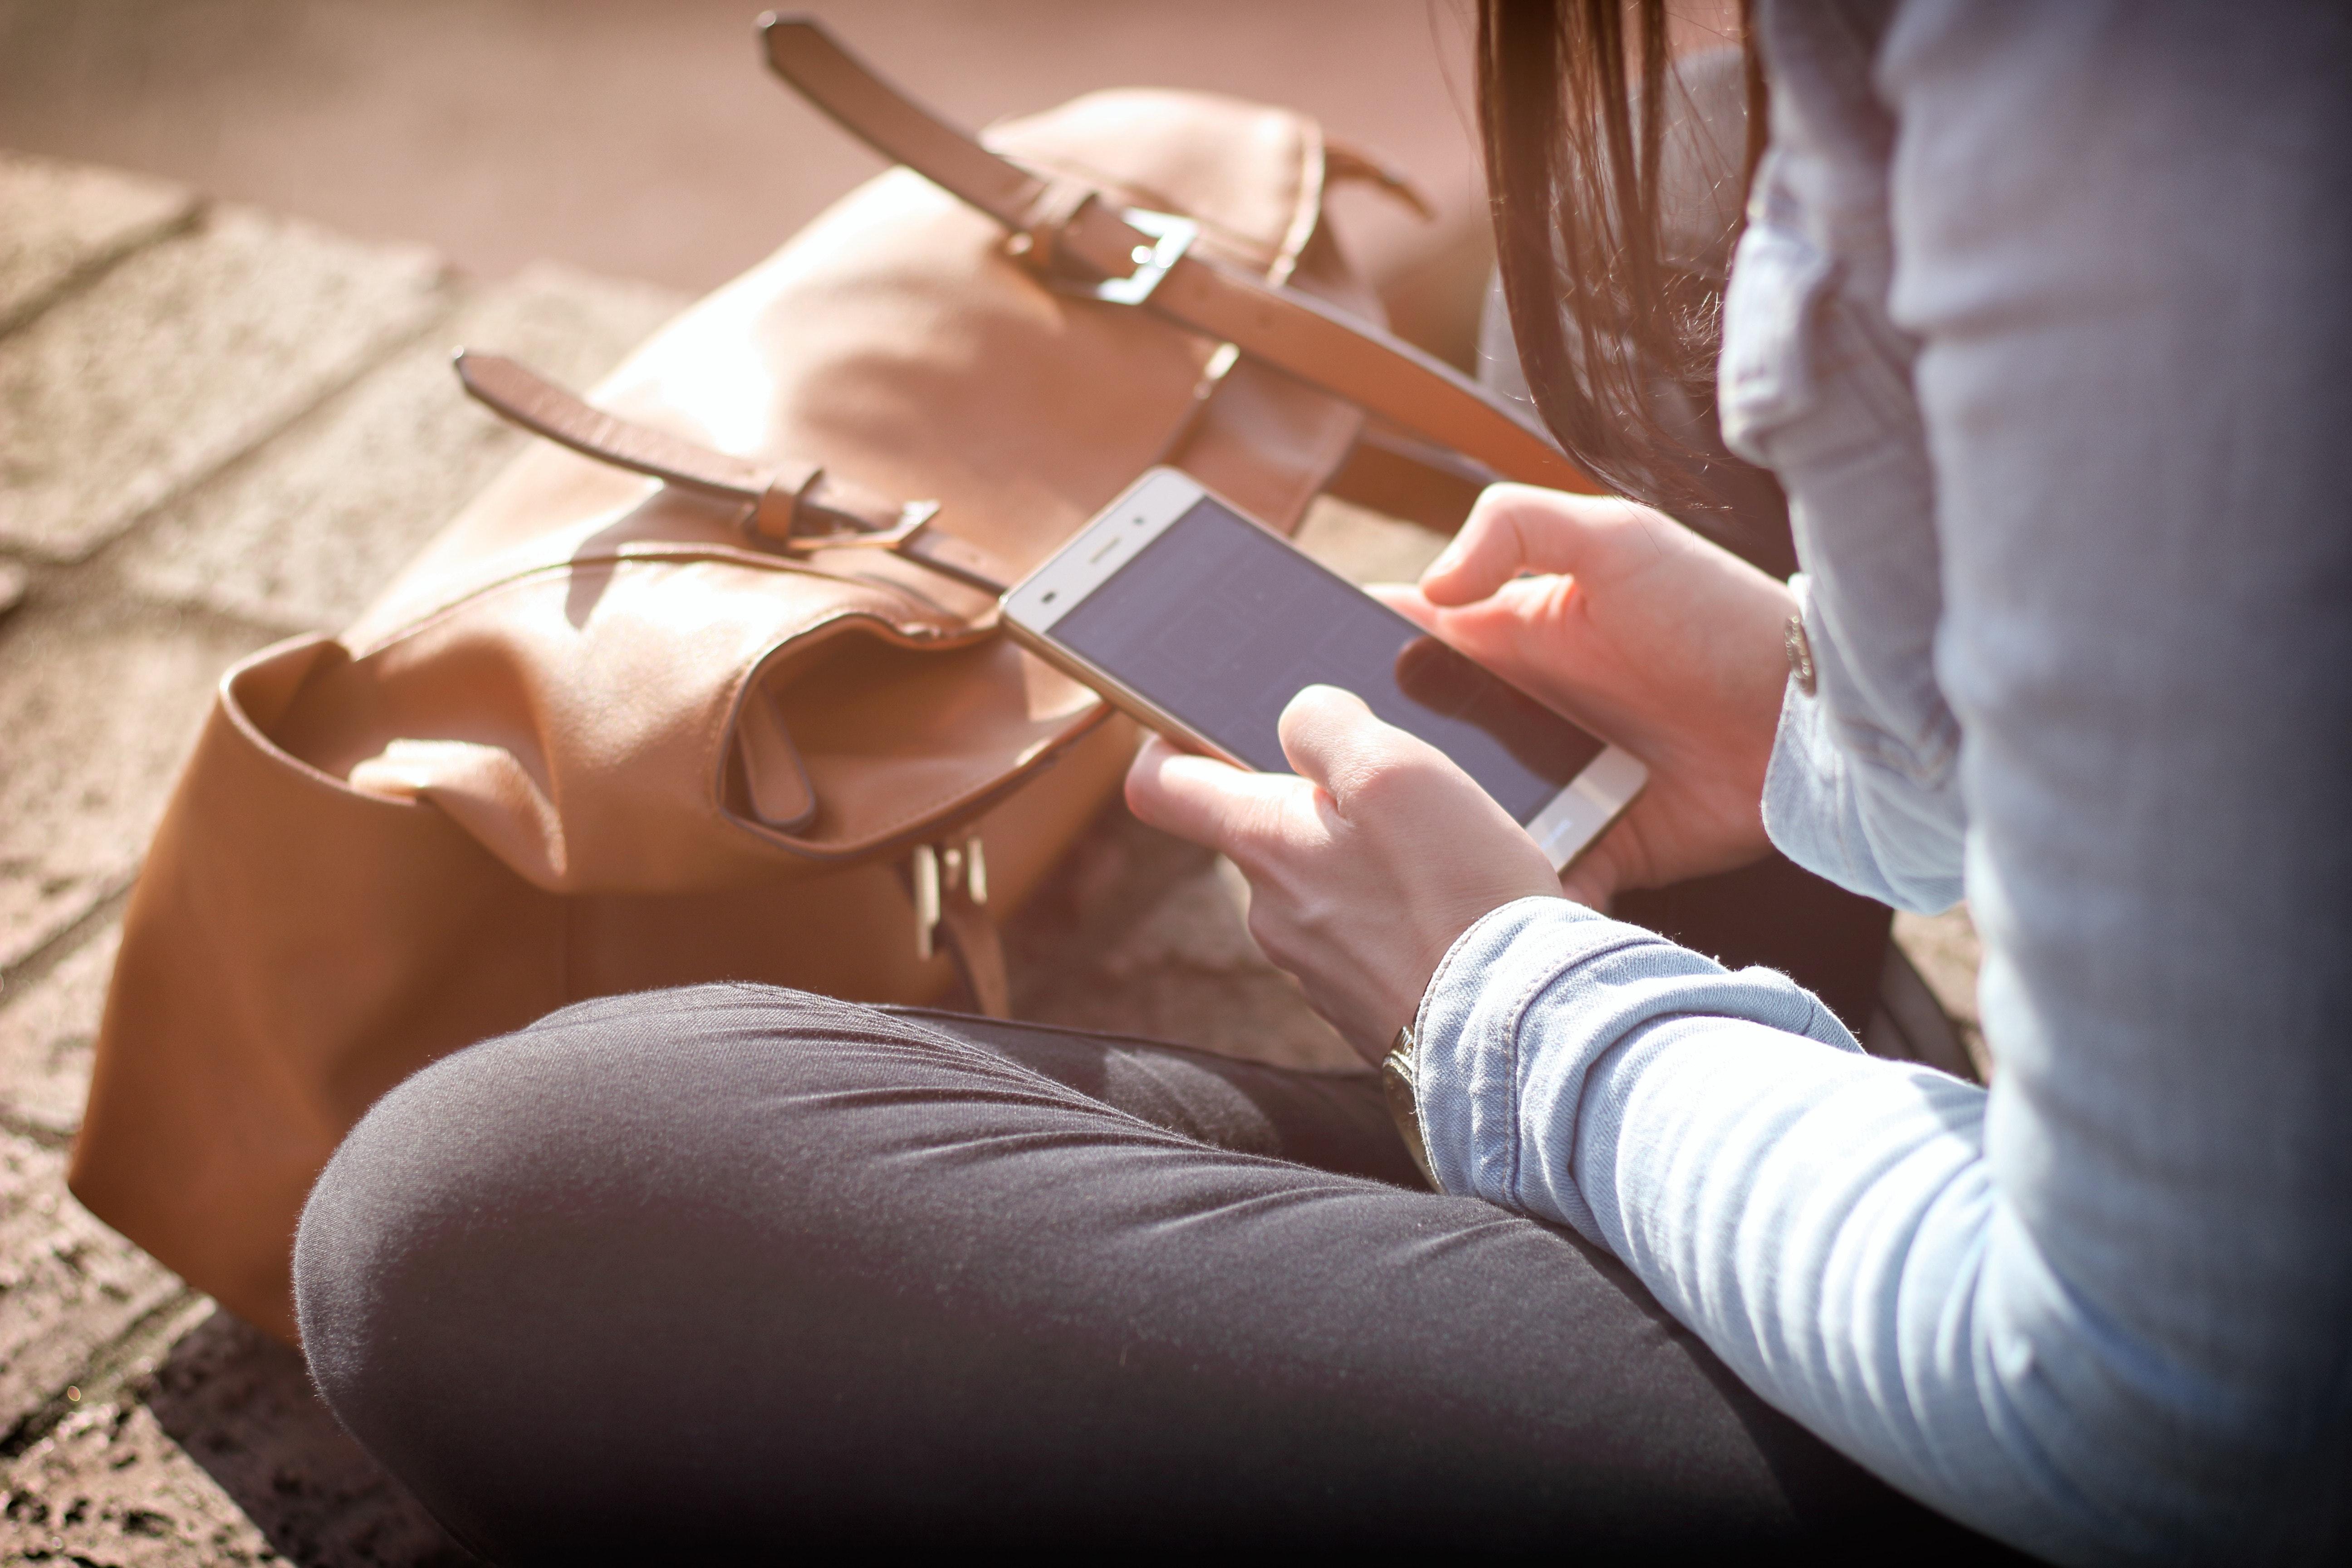 Teléfonos Móviles Dispositivo favorito acceder a Internet